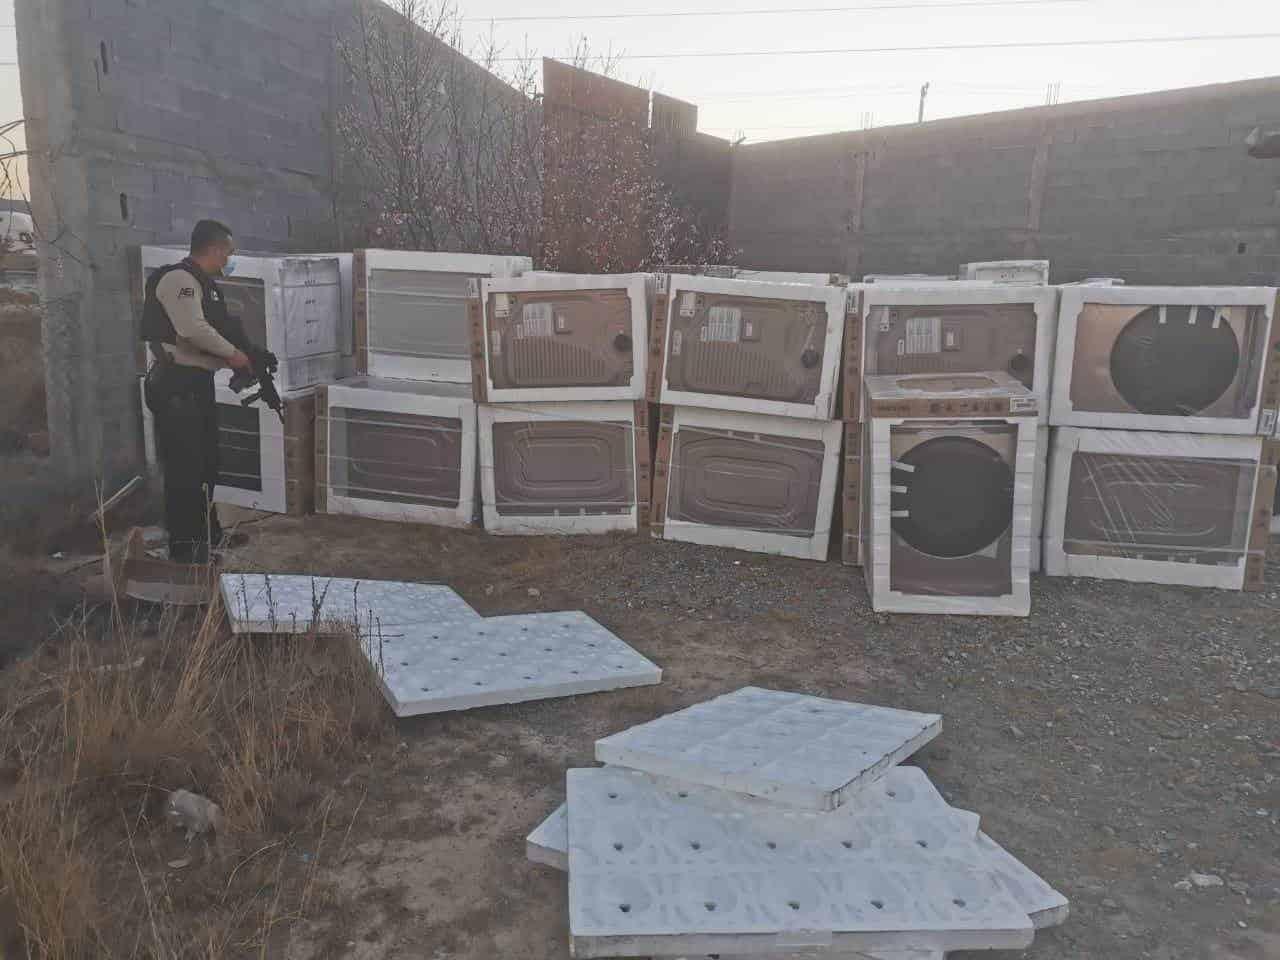 Recuperaron más de 100 lavadoras y secadoras robadas en Coahuila junto con el tractocamión en el cual eran trasladadas